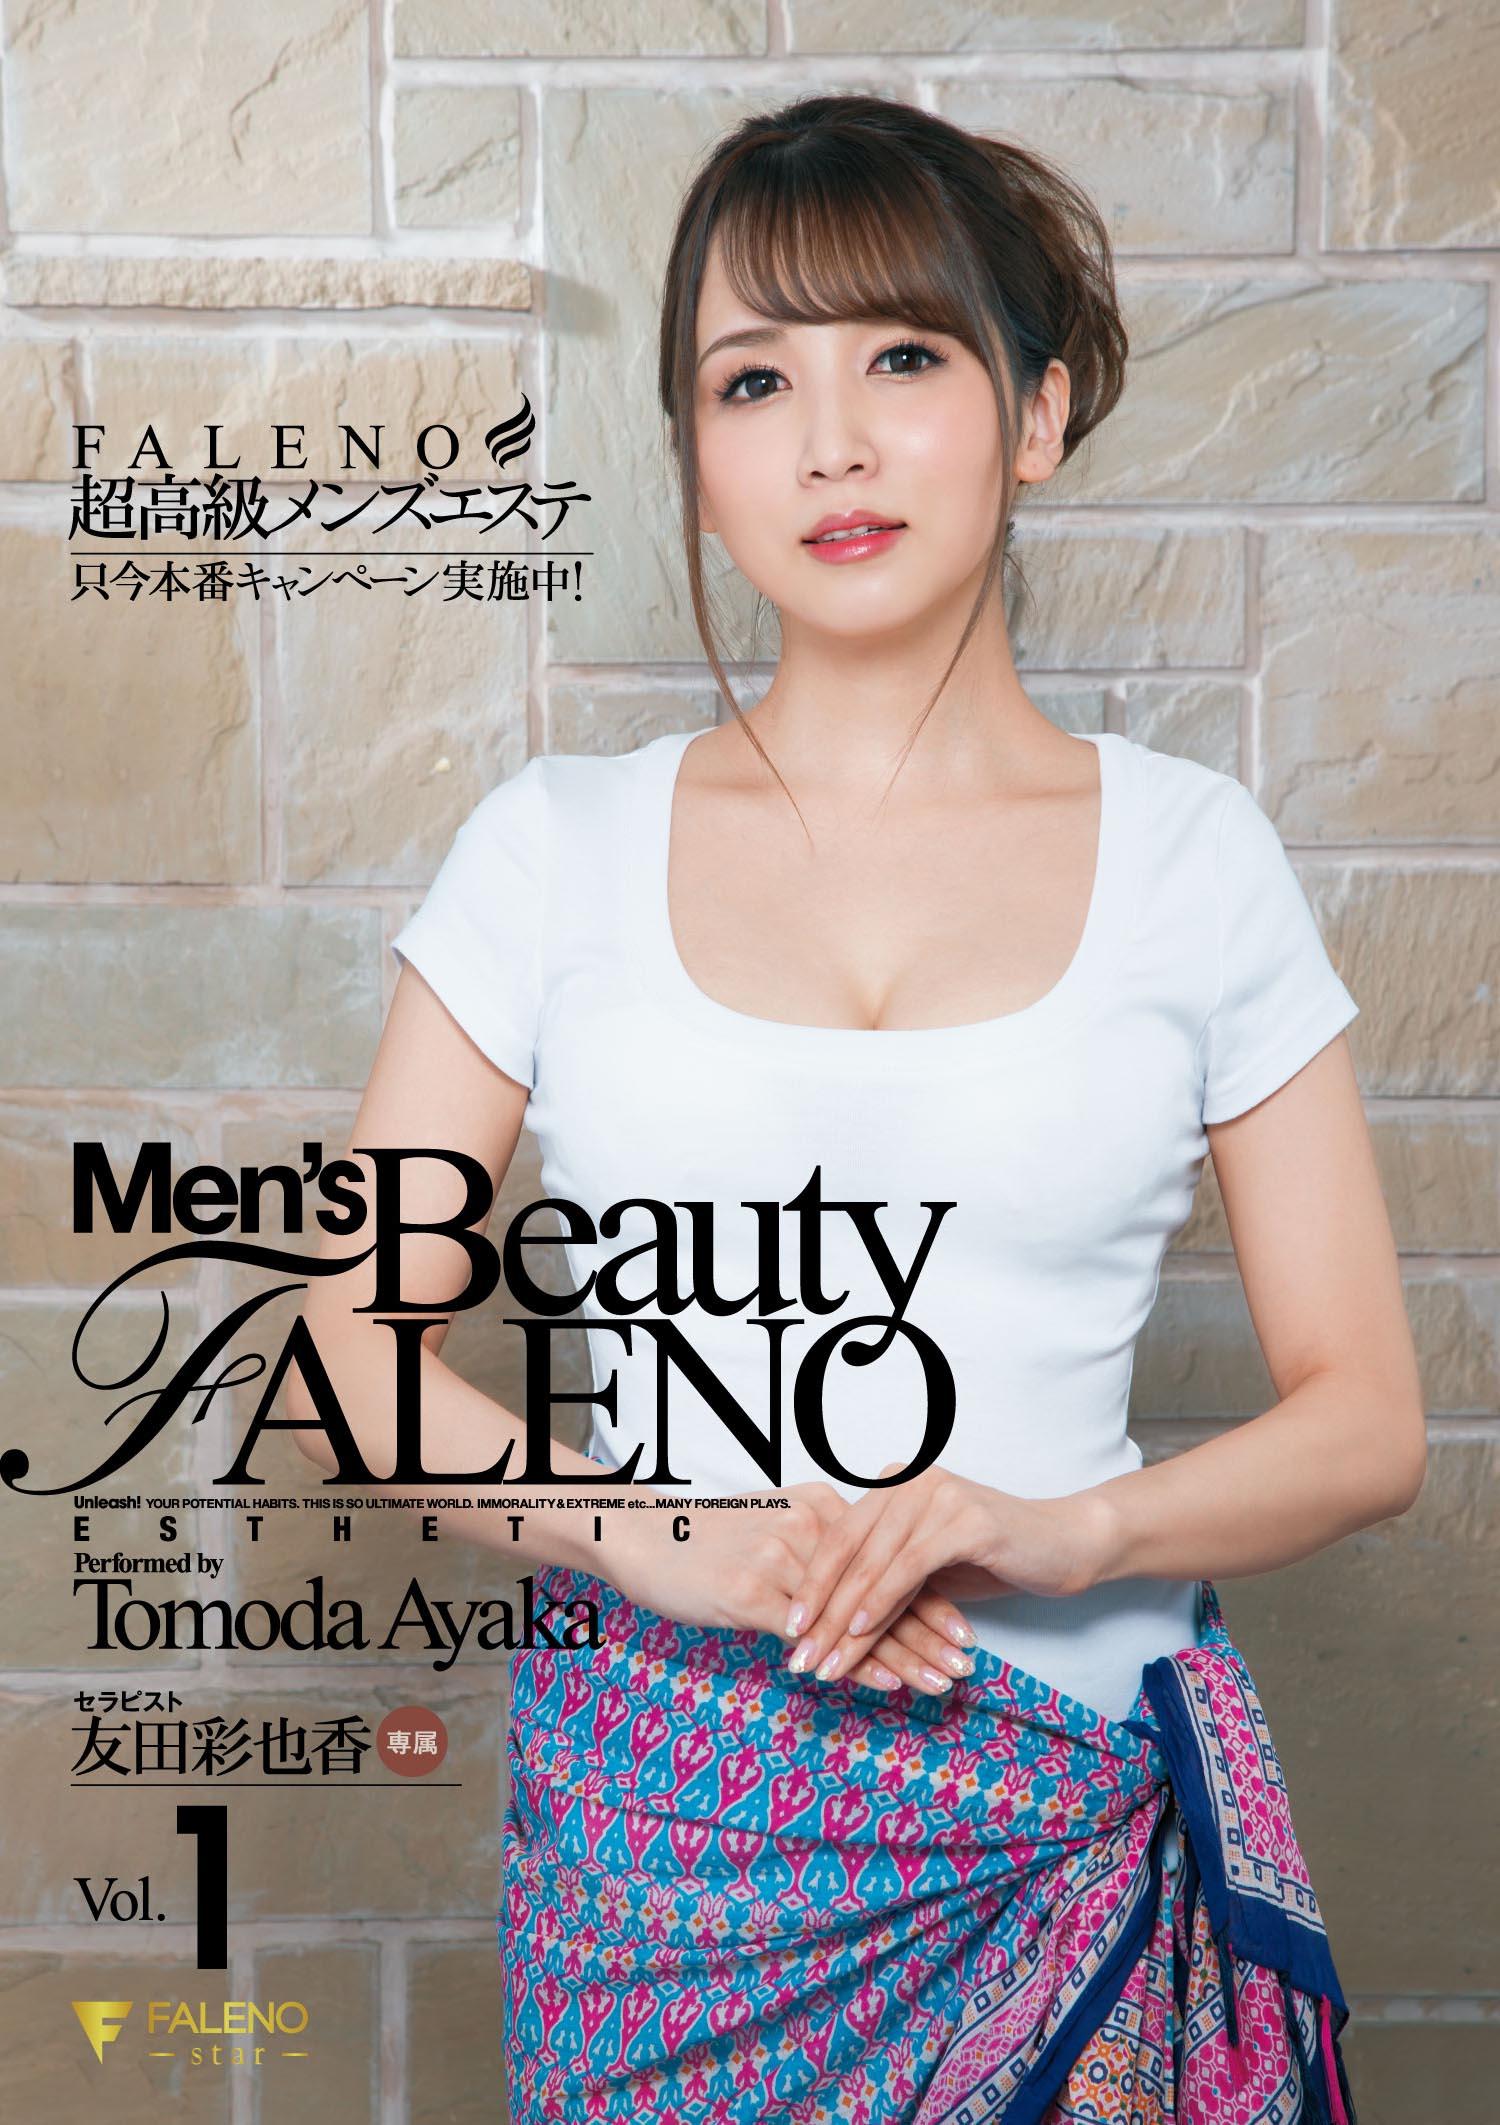 超高級メンズエステFALENO只今本番キャンペーン実施中!友田彩也香Vol.1